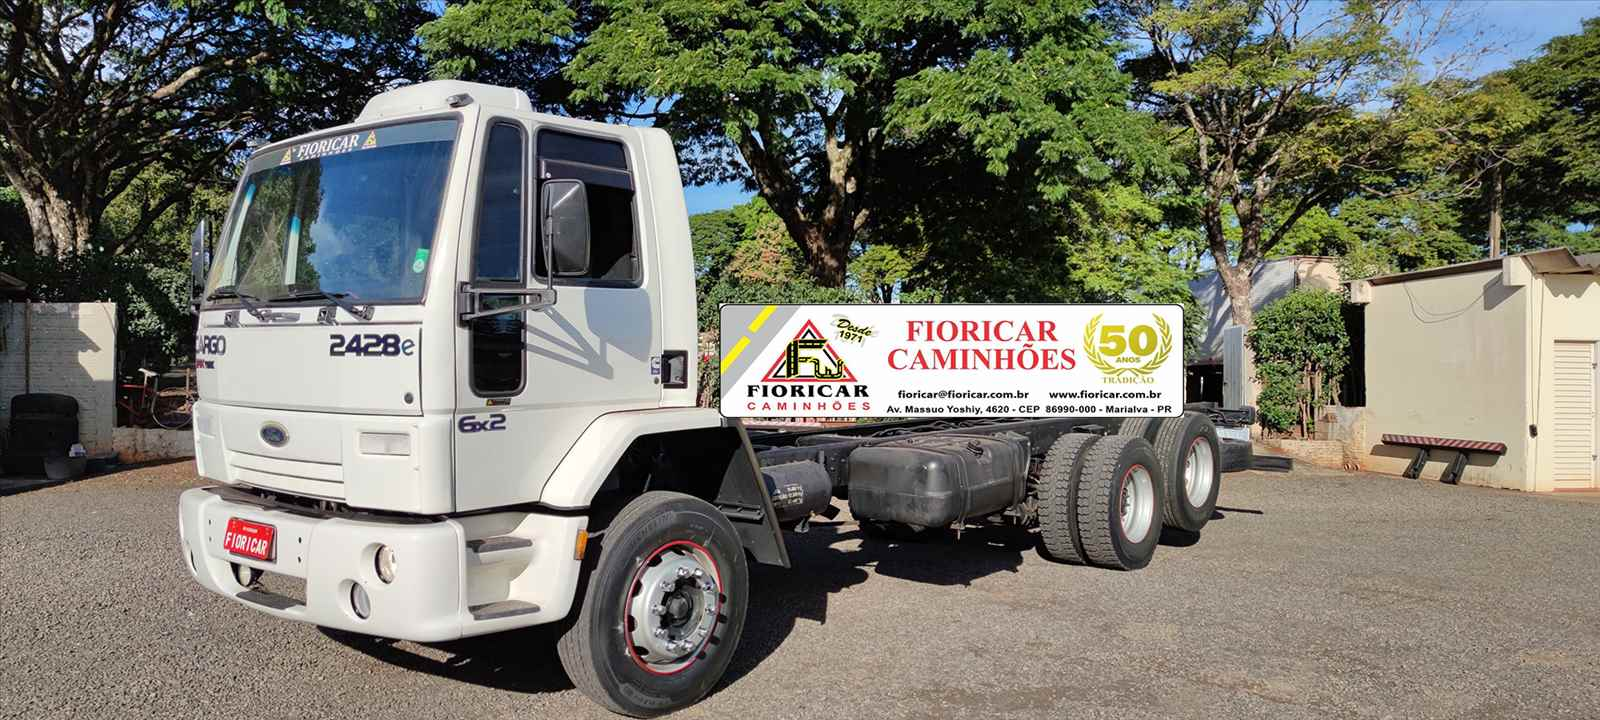 CAMINHAO FORD CARGO 2428 Chassis Truck 6x2 Fioricar Caminhões MARIALVA PARANÁ PR